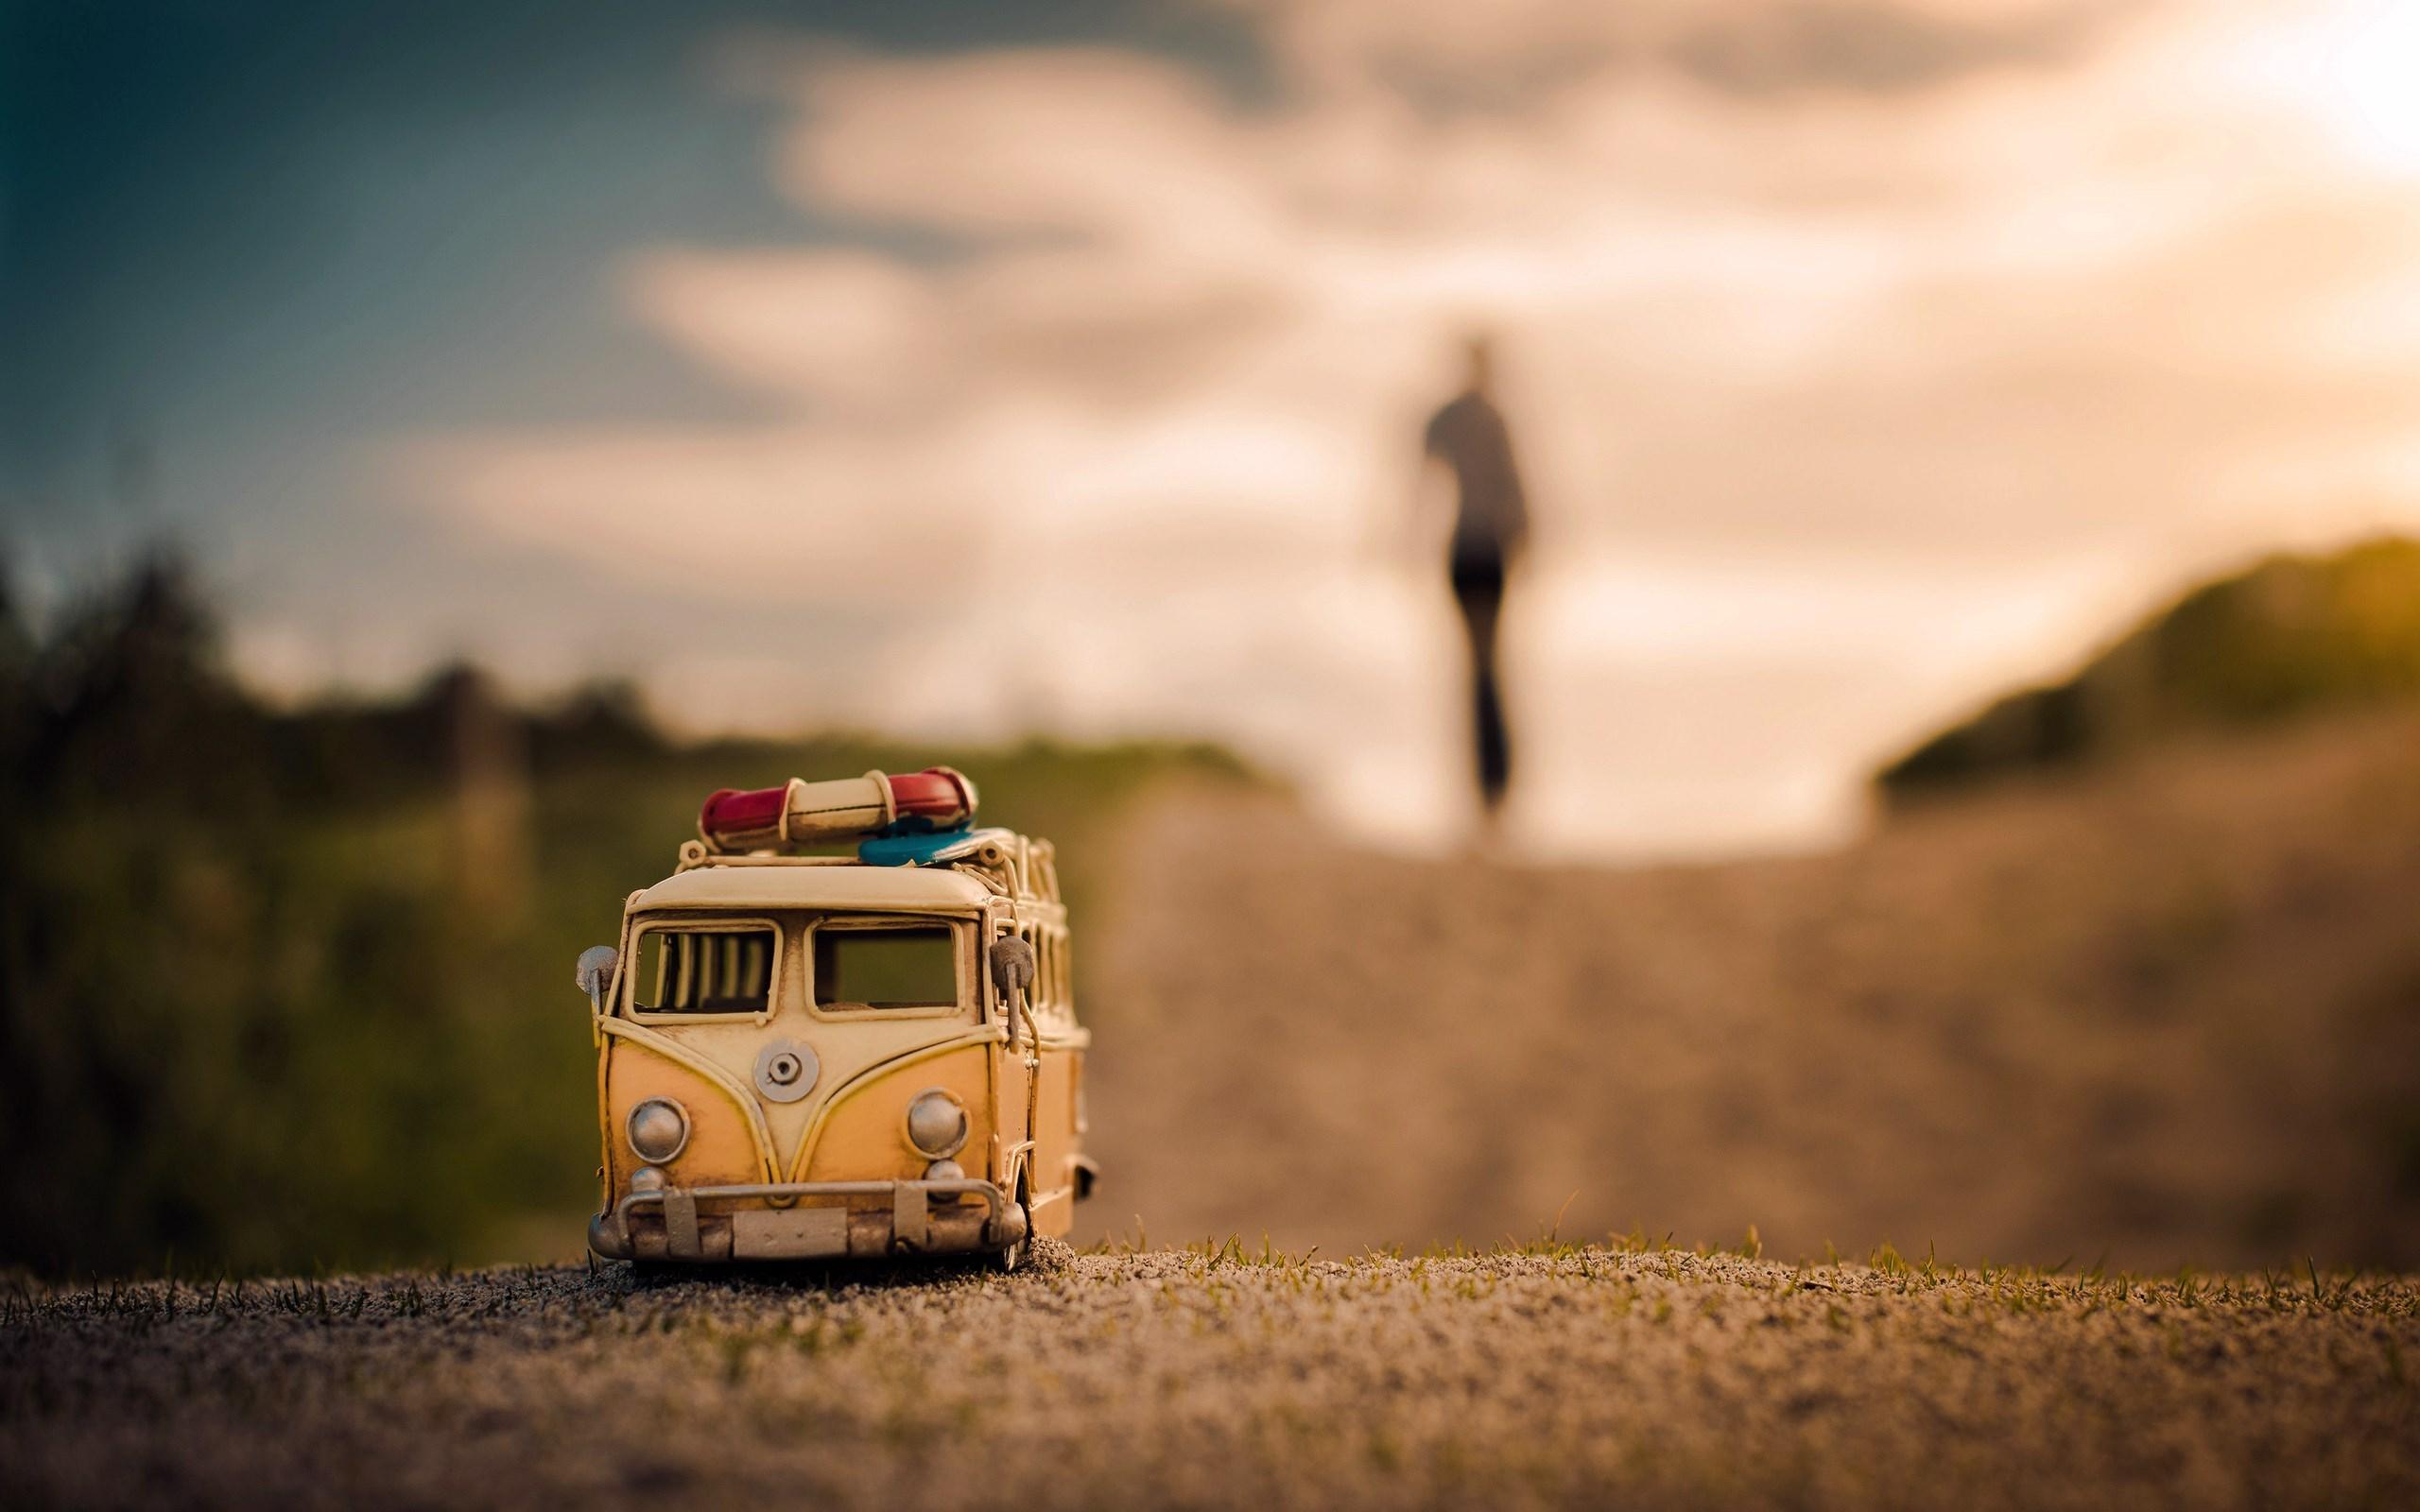 Volkswagen Bus Toy Road